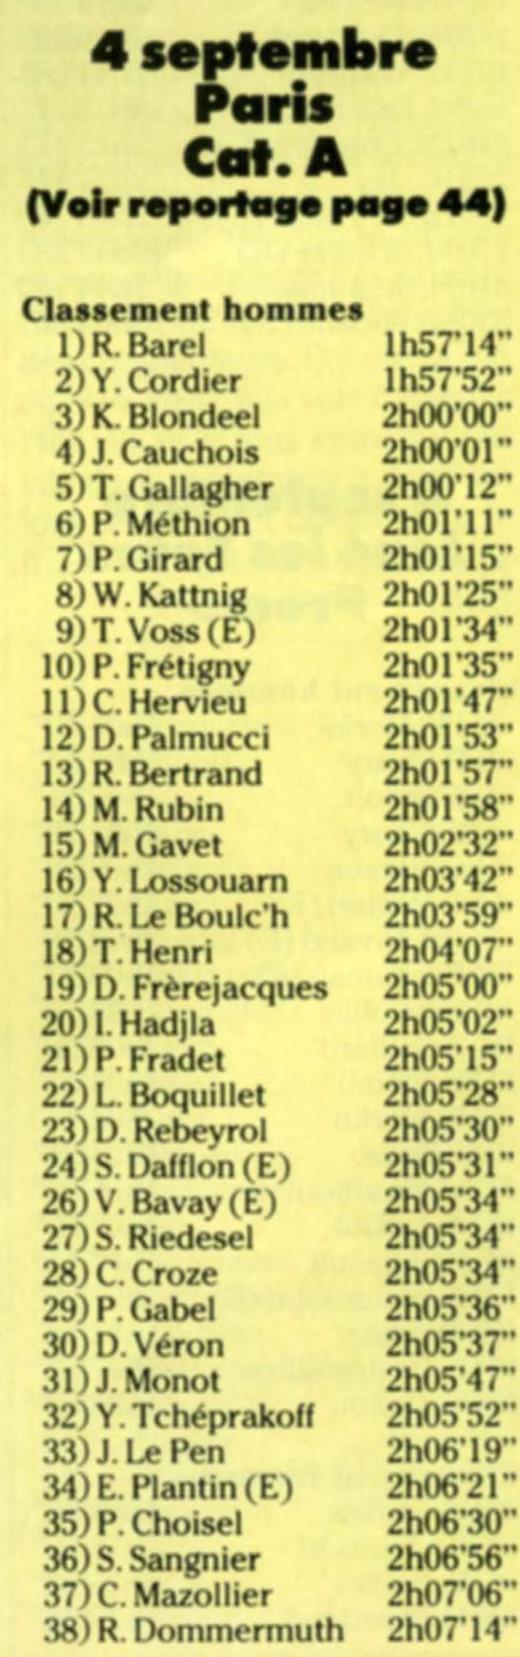 img[A]060_04-septembre-1988_paris_résultat_01